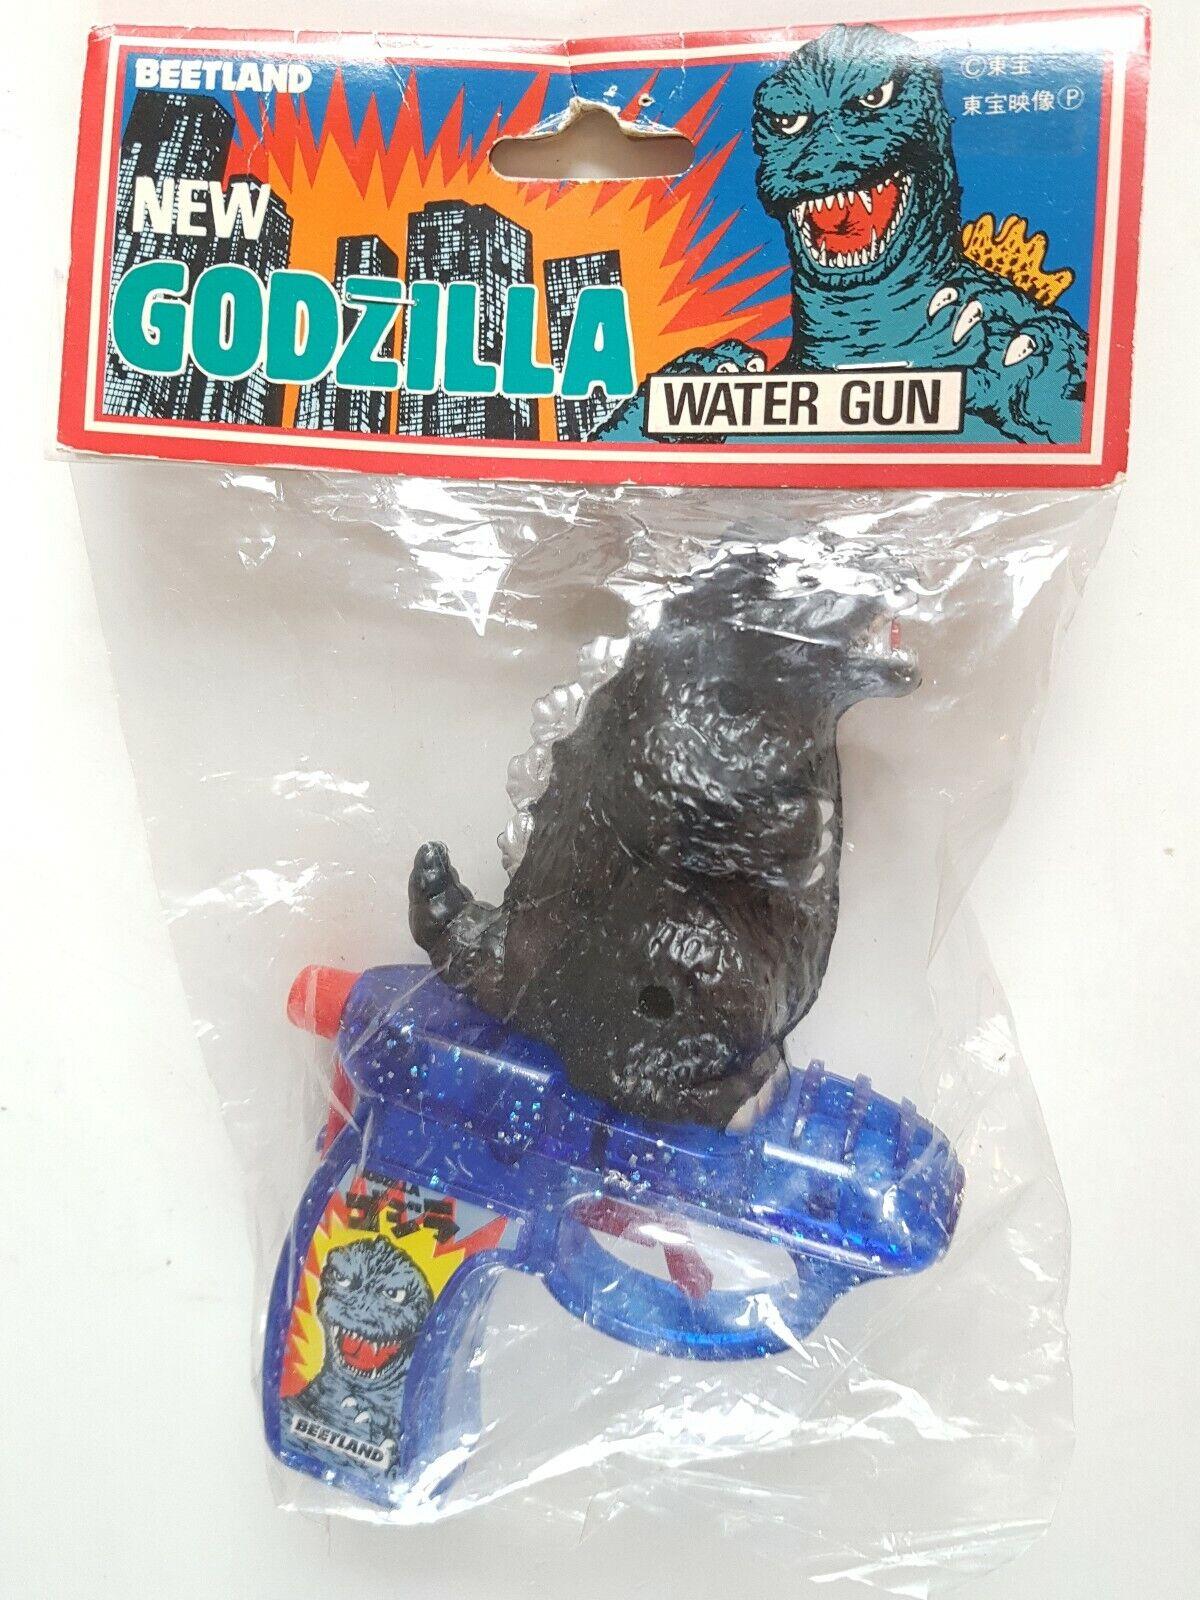 Godzilla Beetland Rara Vintage Plástico de pistola Pistola de Agua Juguete Japón Sin usar